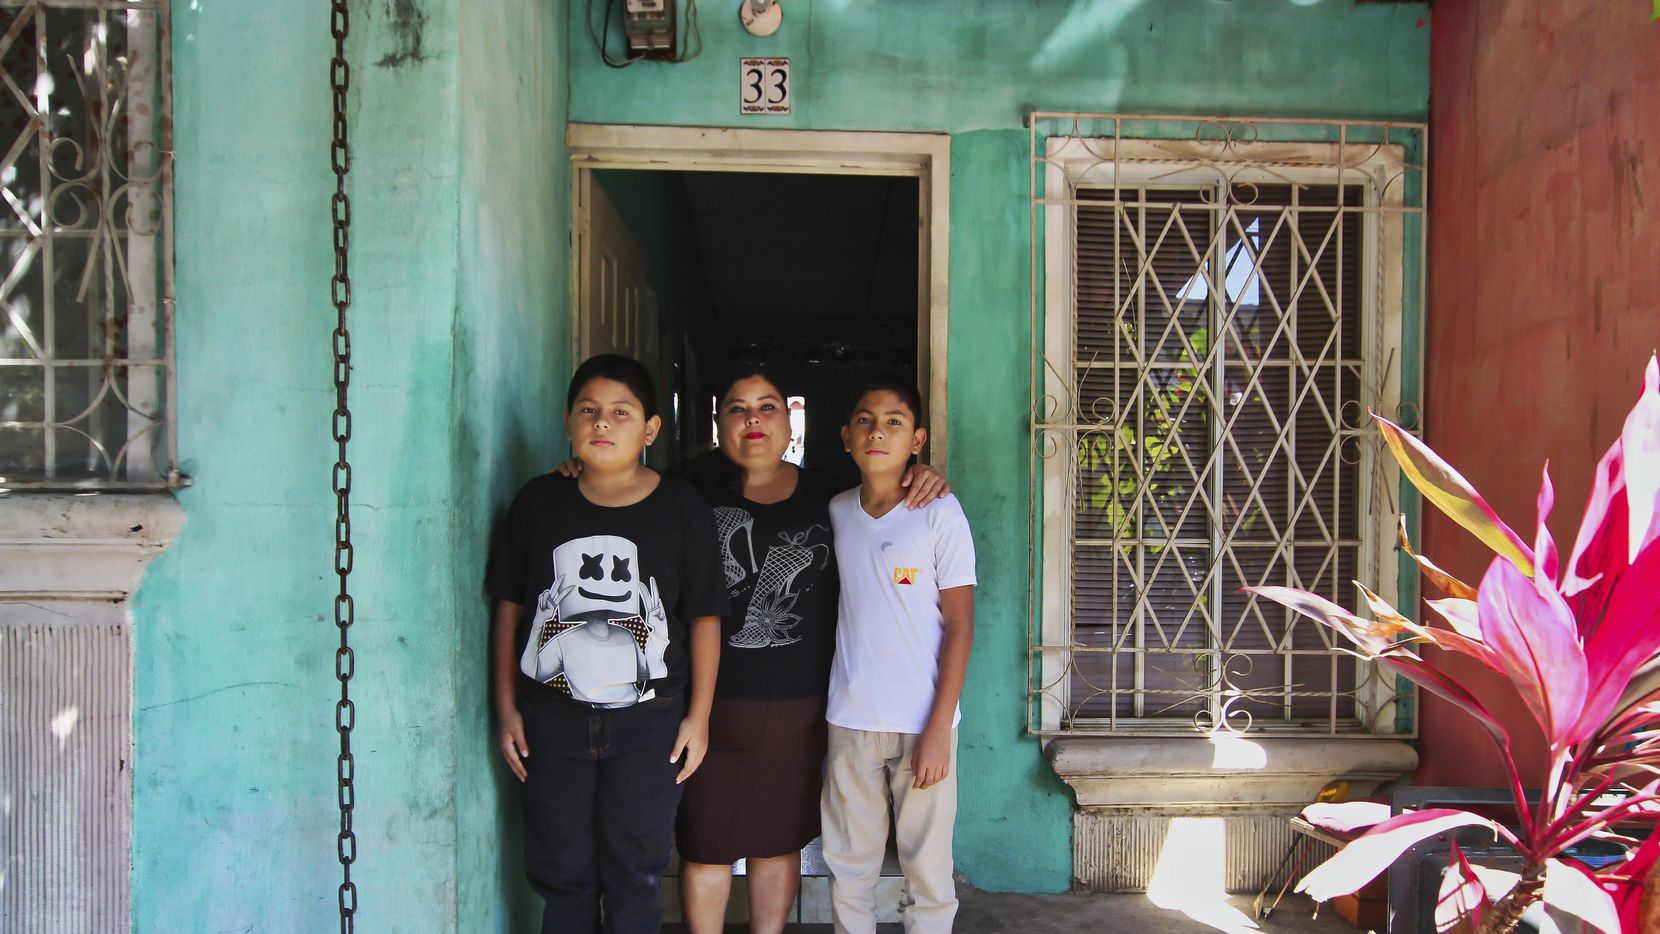 Flor Tovar y sus hijos Christian (derecha) y Oma Elias posan afuera de su casa en Ciudad Real, El Salvador. AP.